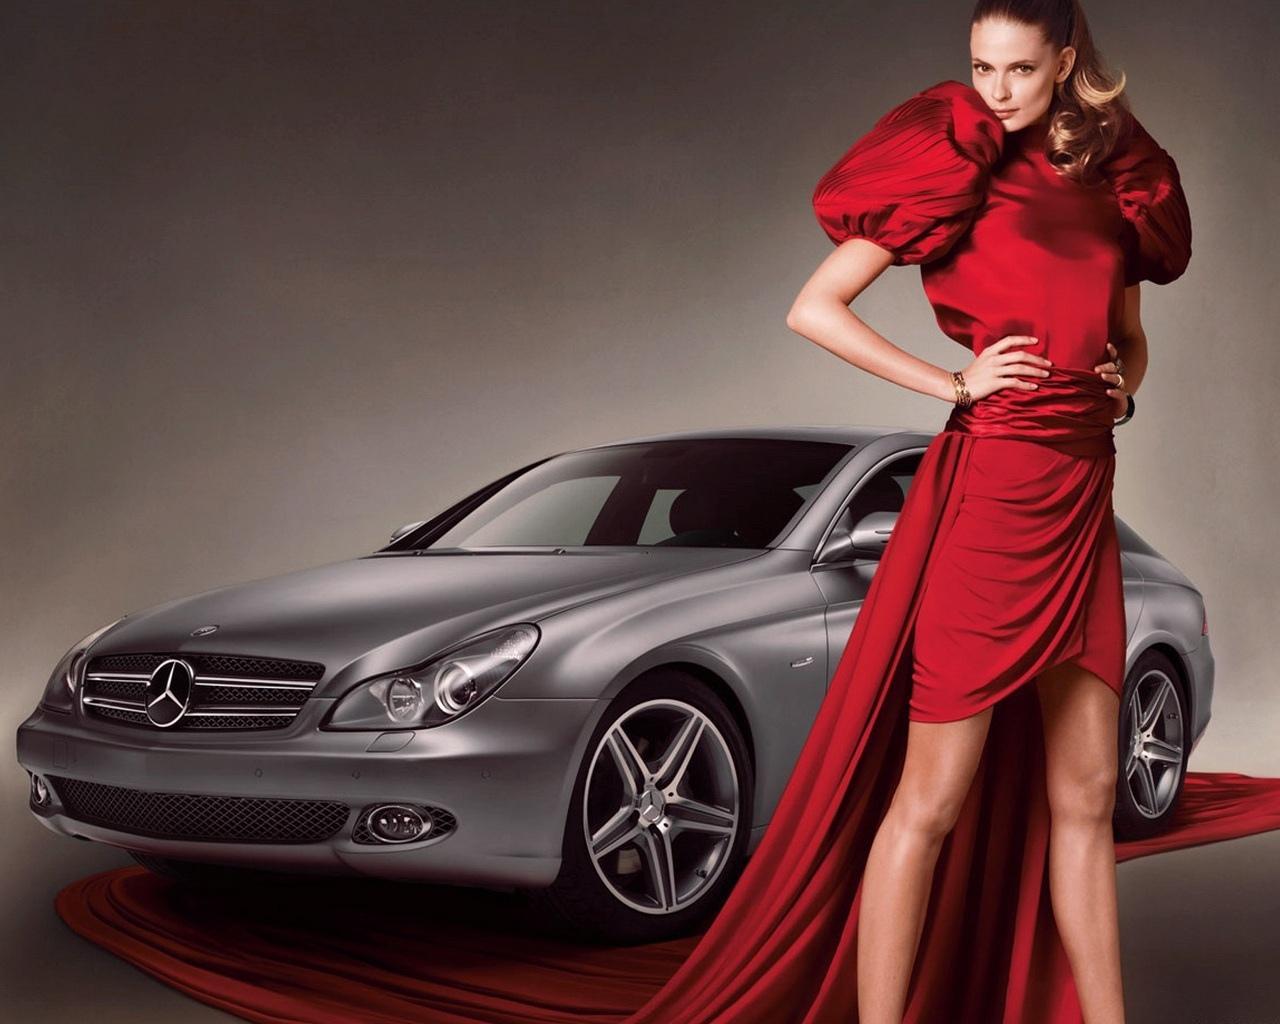 Фото девушек в рекламе машин — pic 5